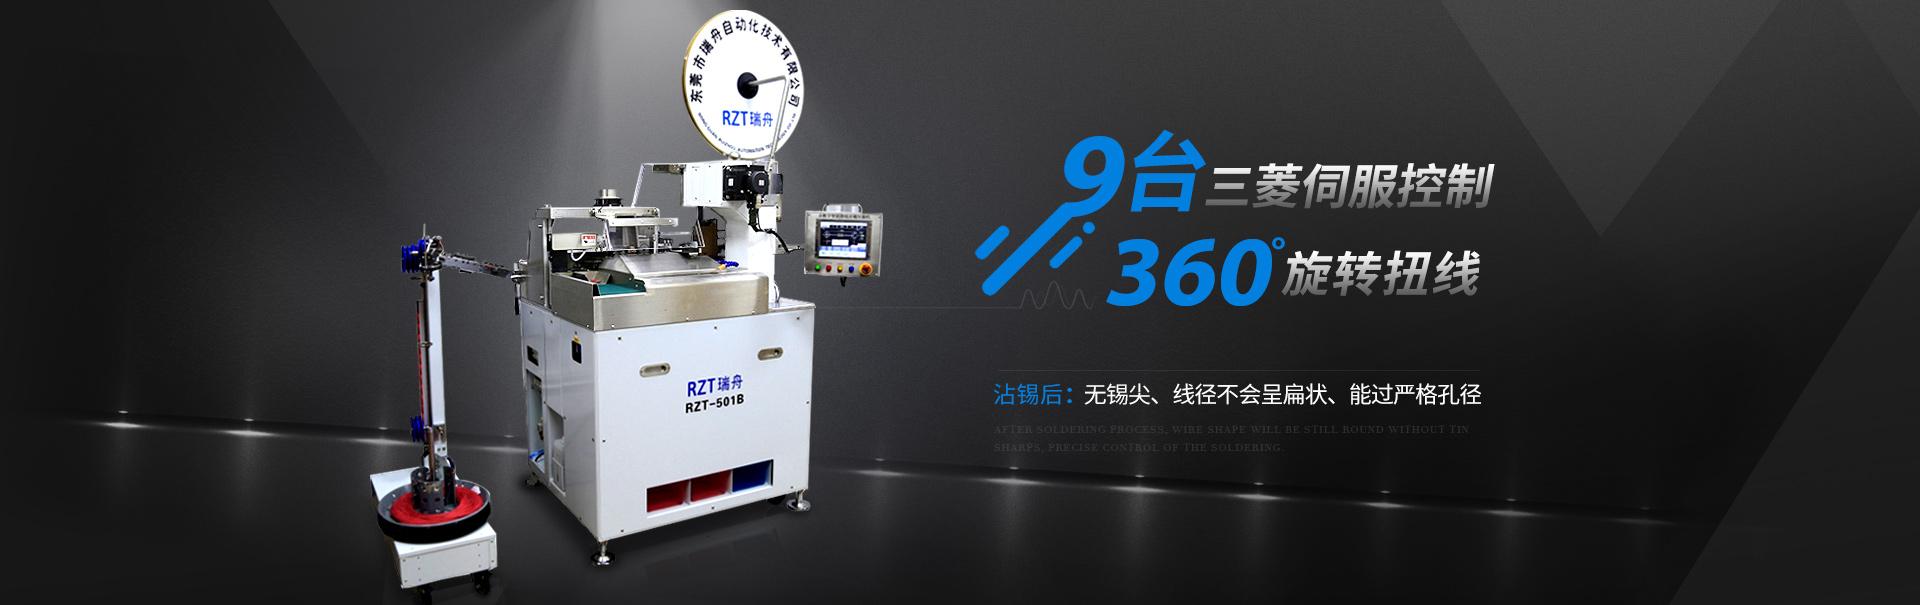 瑞舟-提供高精度线束自动化解决方案